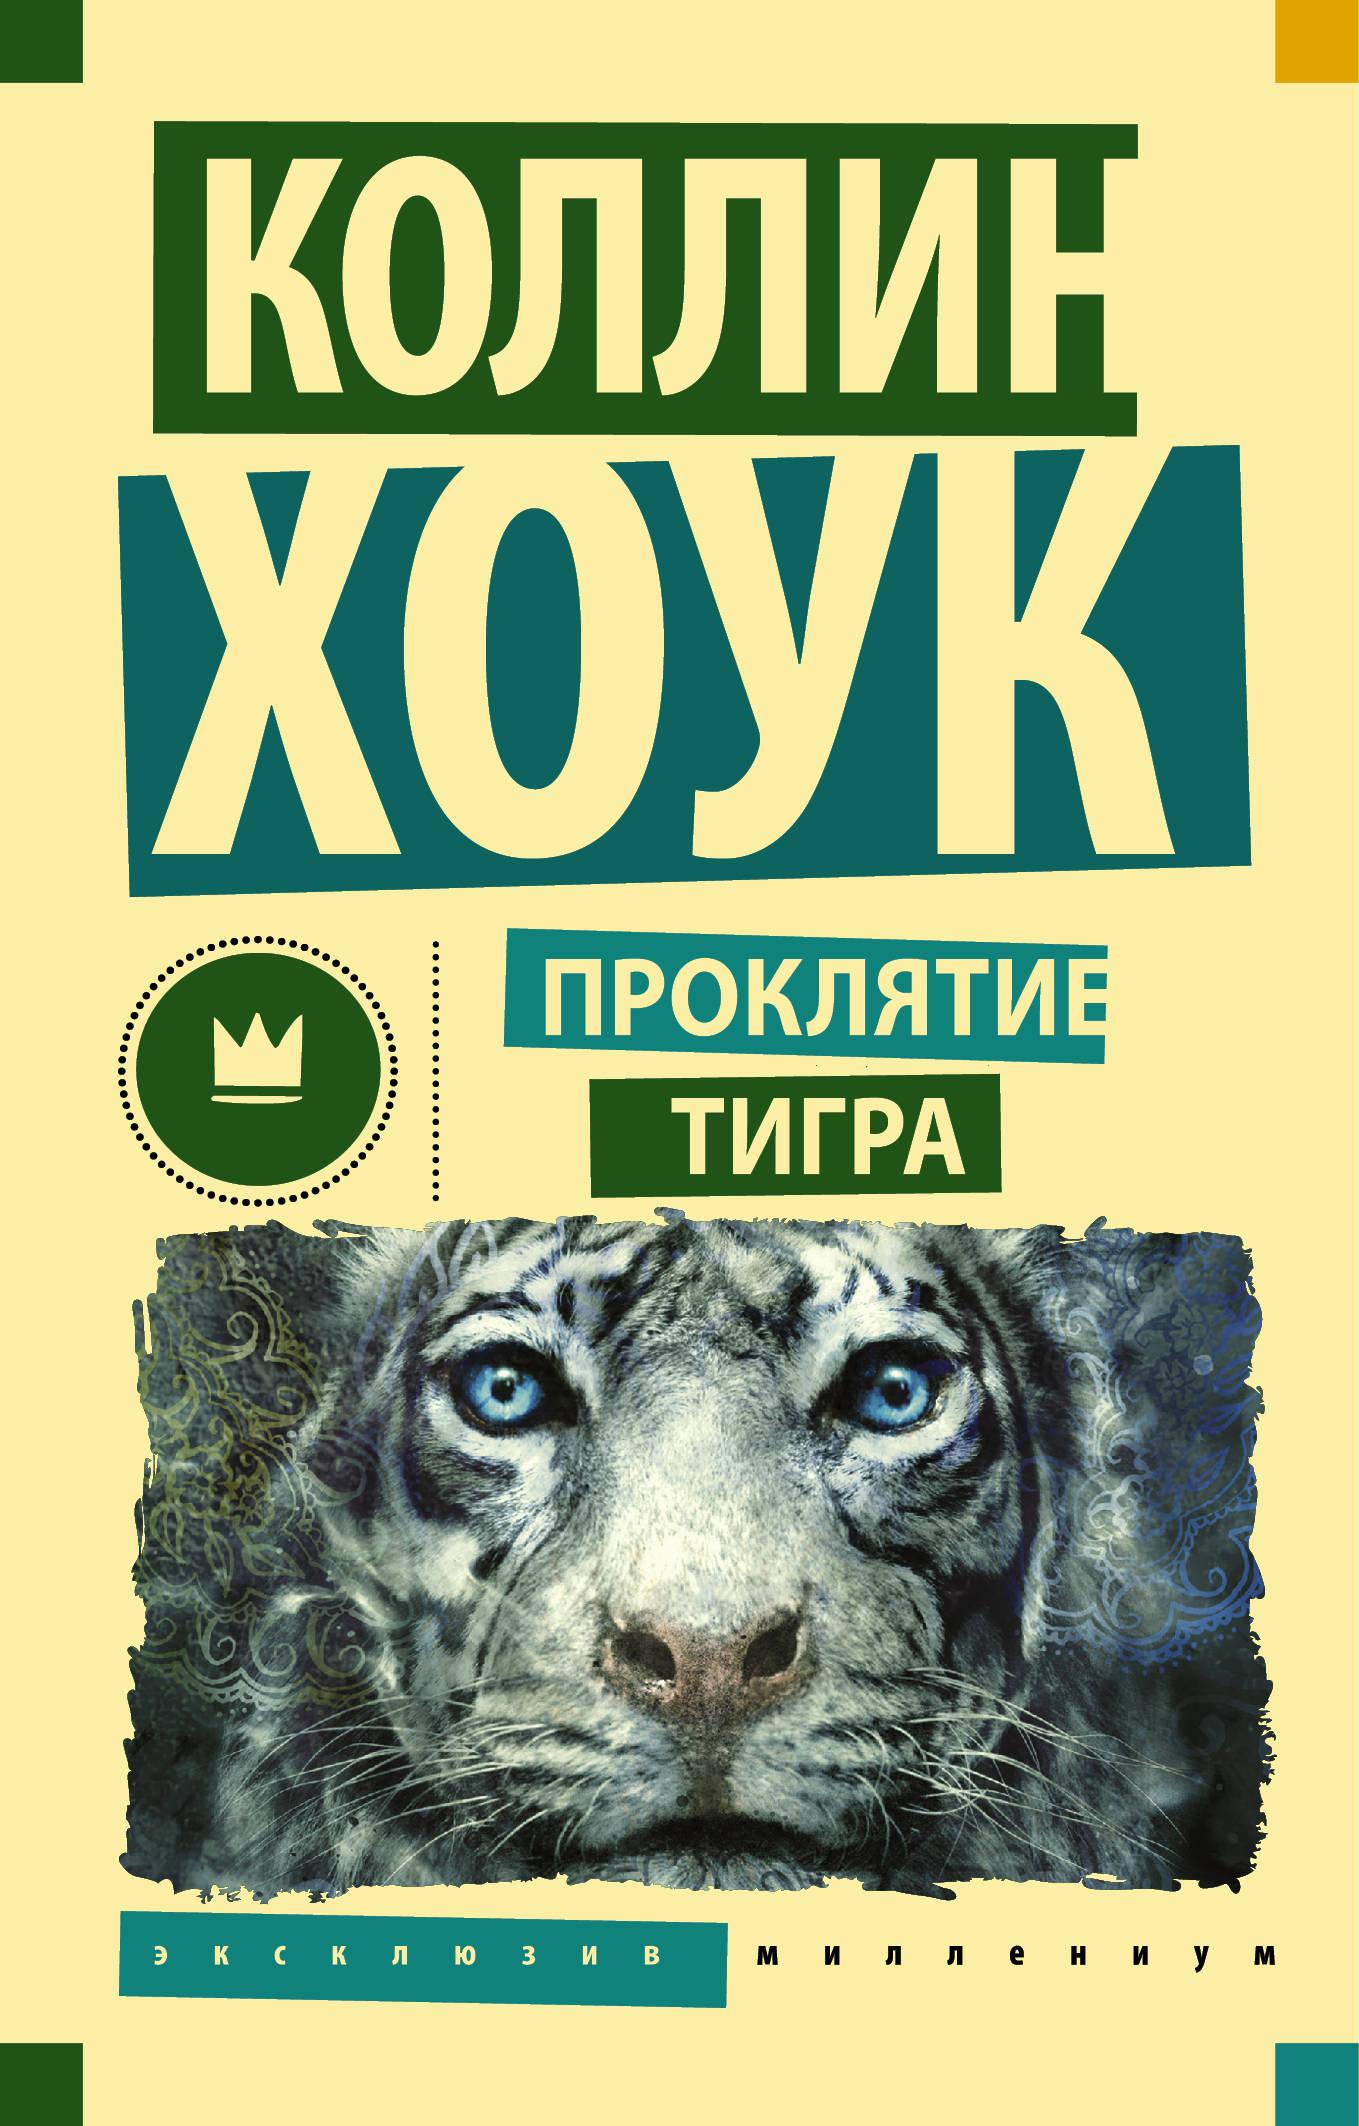 Коллин Хоук Проклятие тигра атон кр 80 4 пвх венге